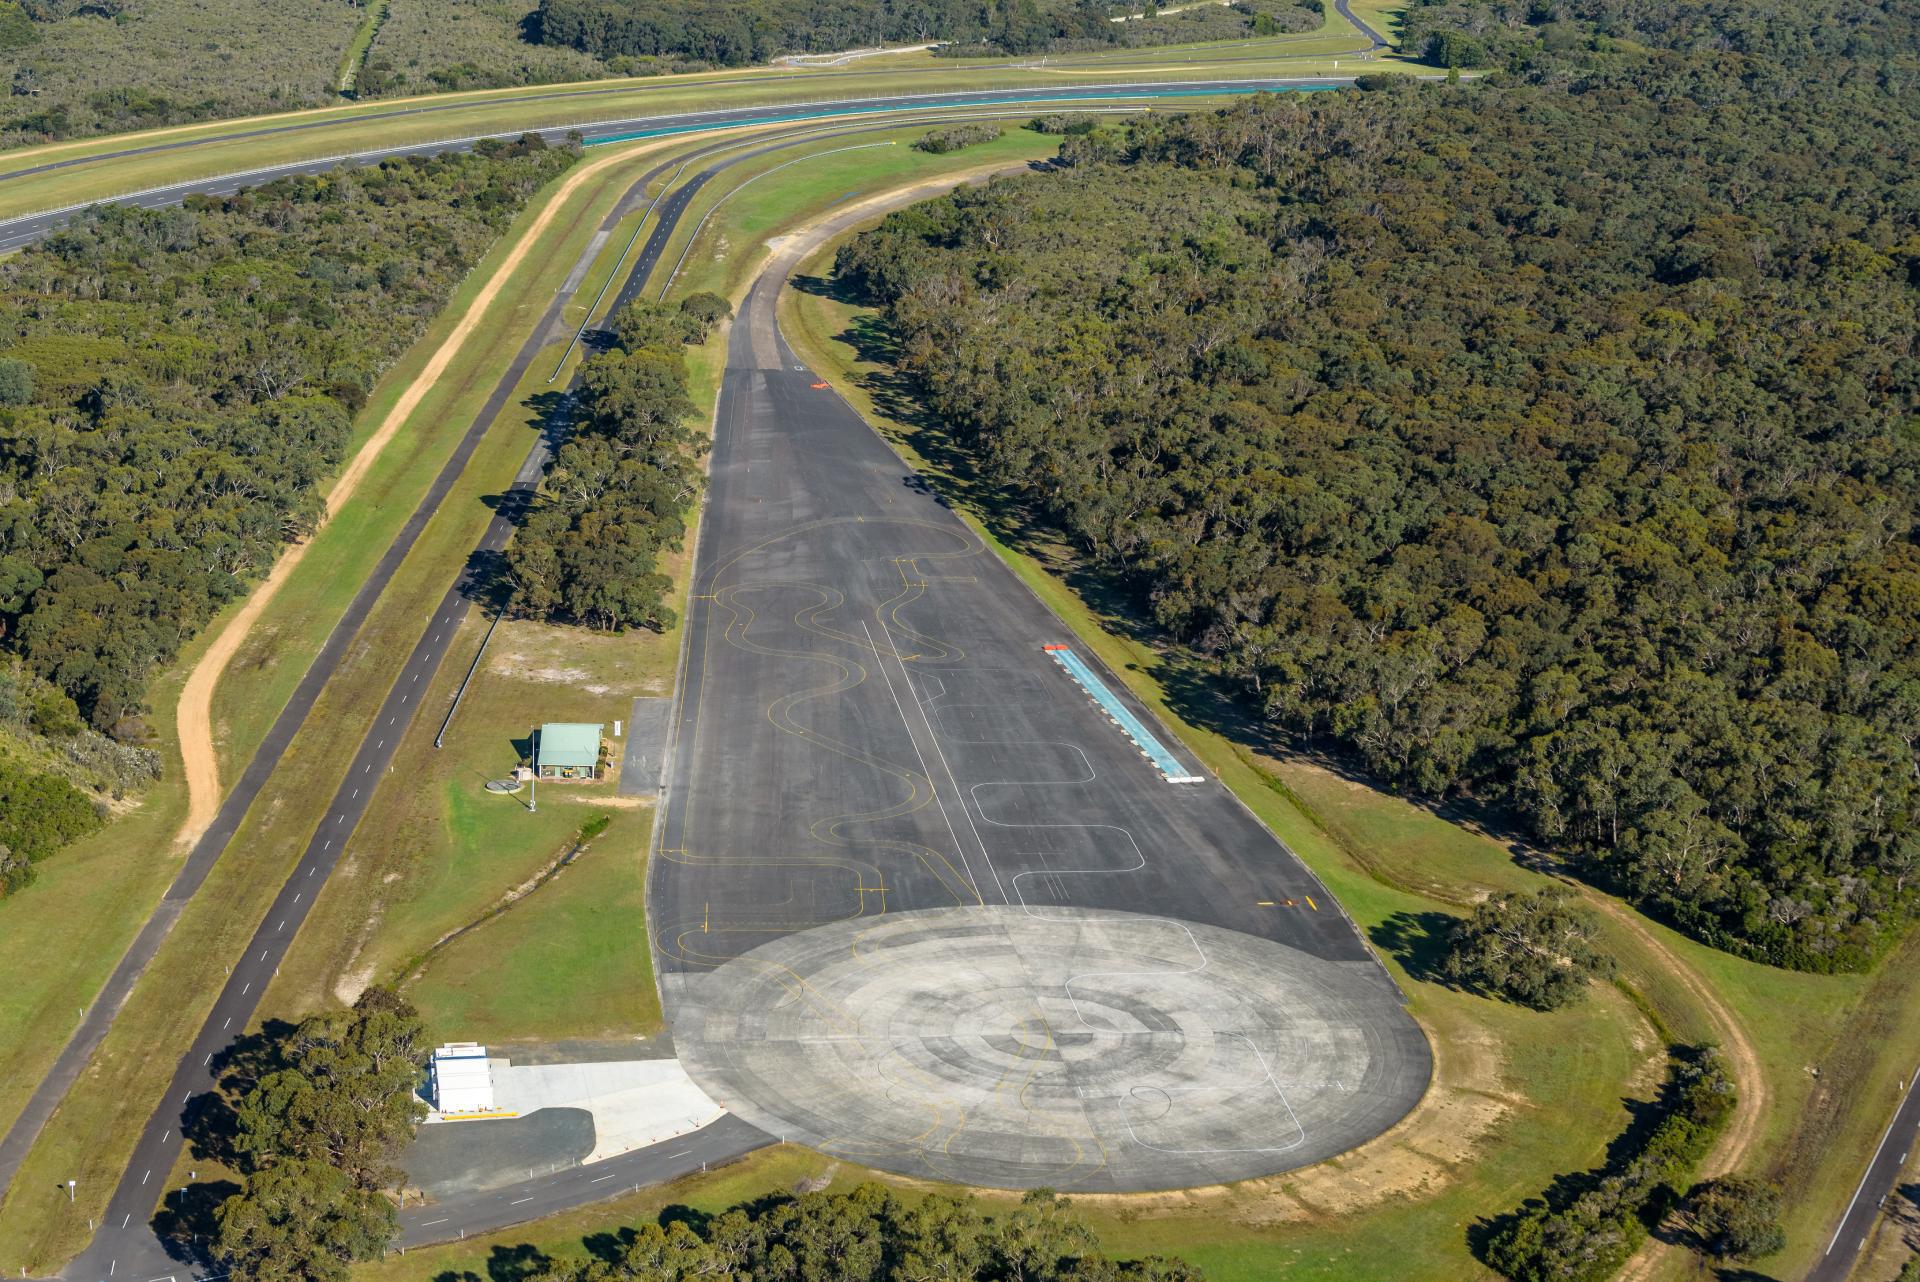 VinFast mua trung tâm thử nghiệm xe của GM tại Australia - Ảnh 5.